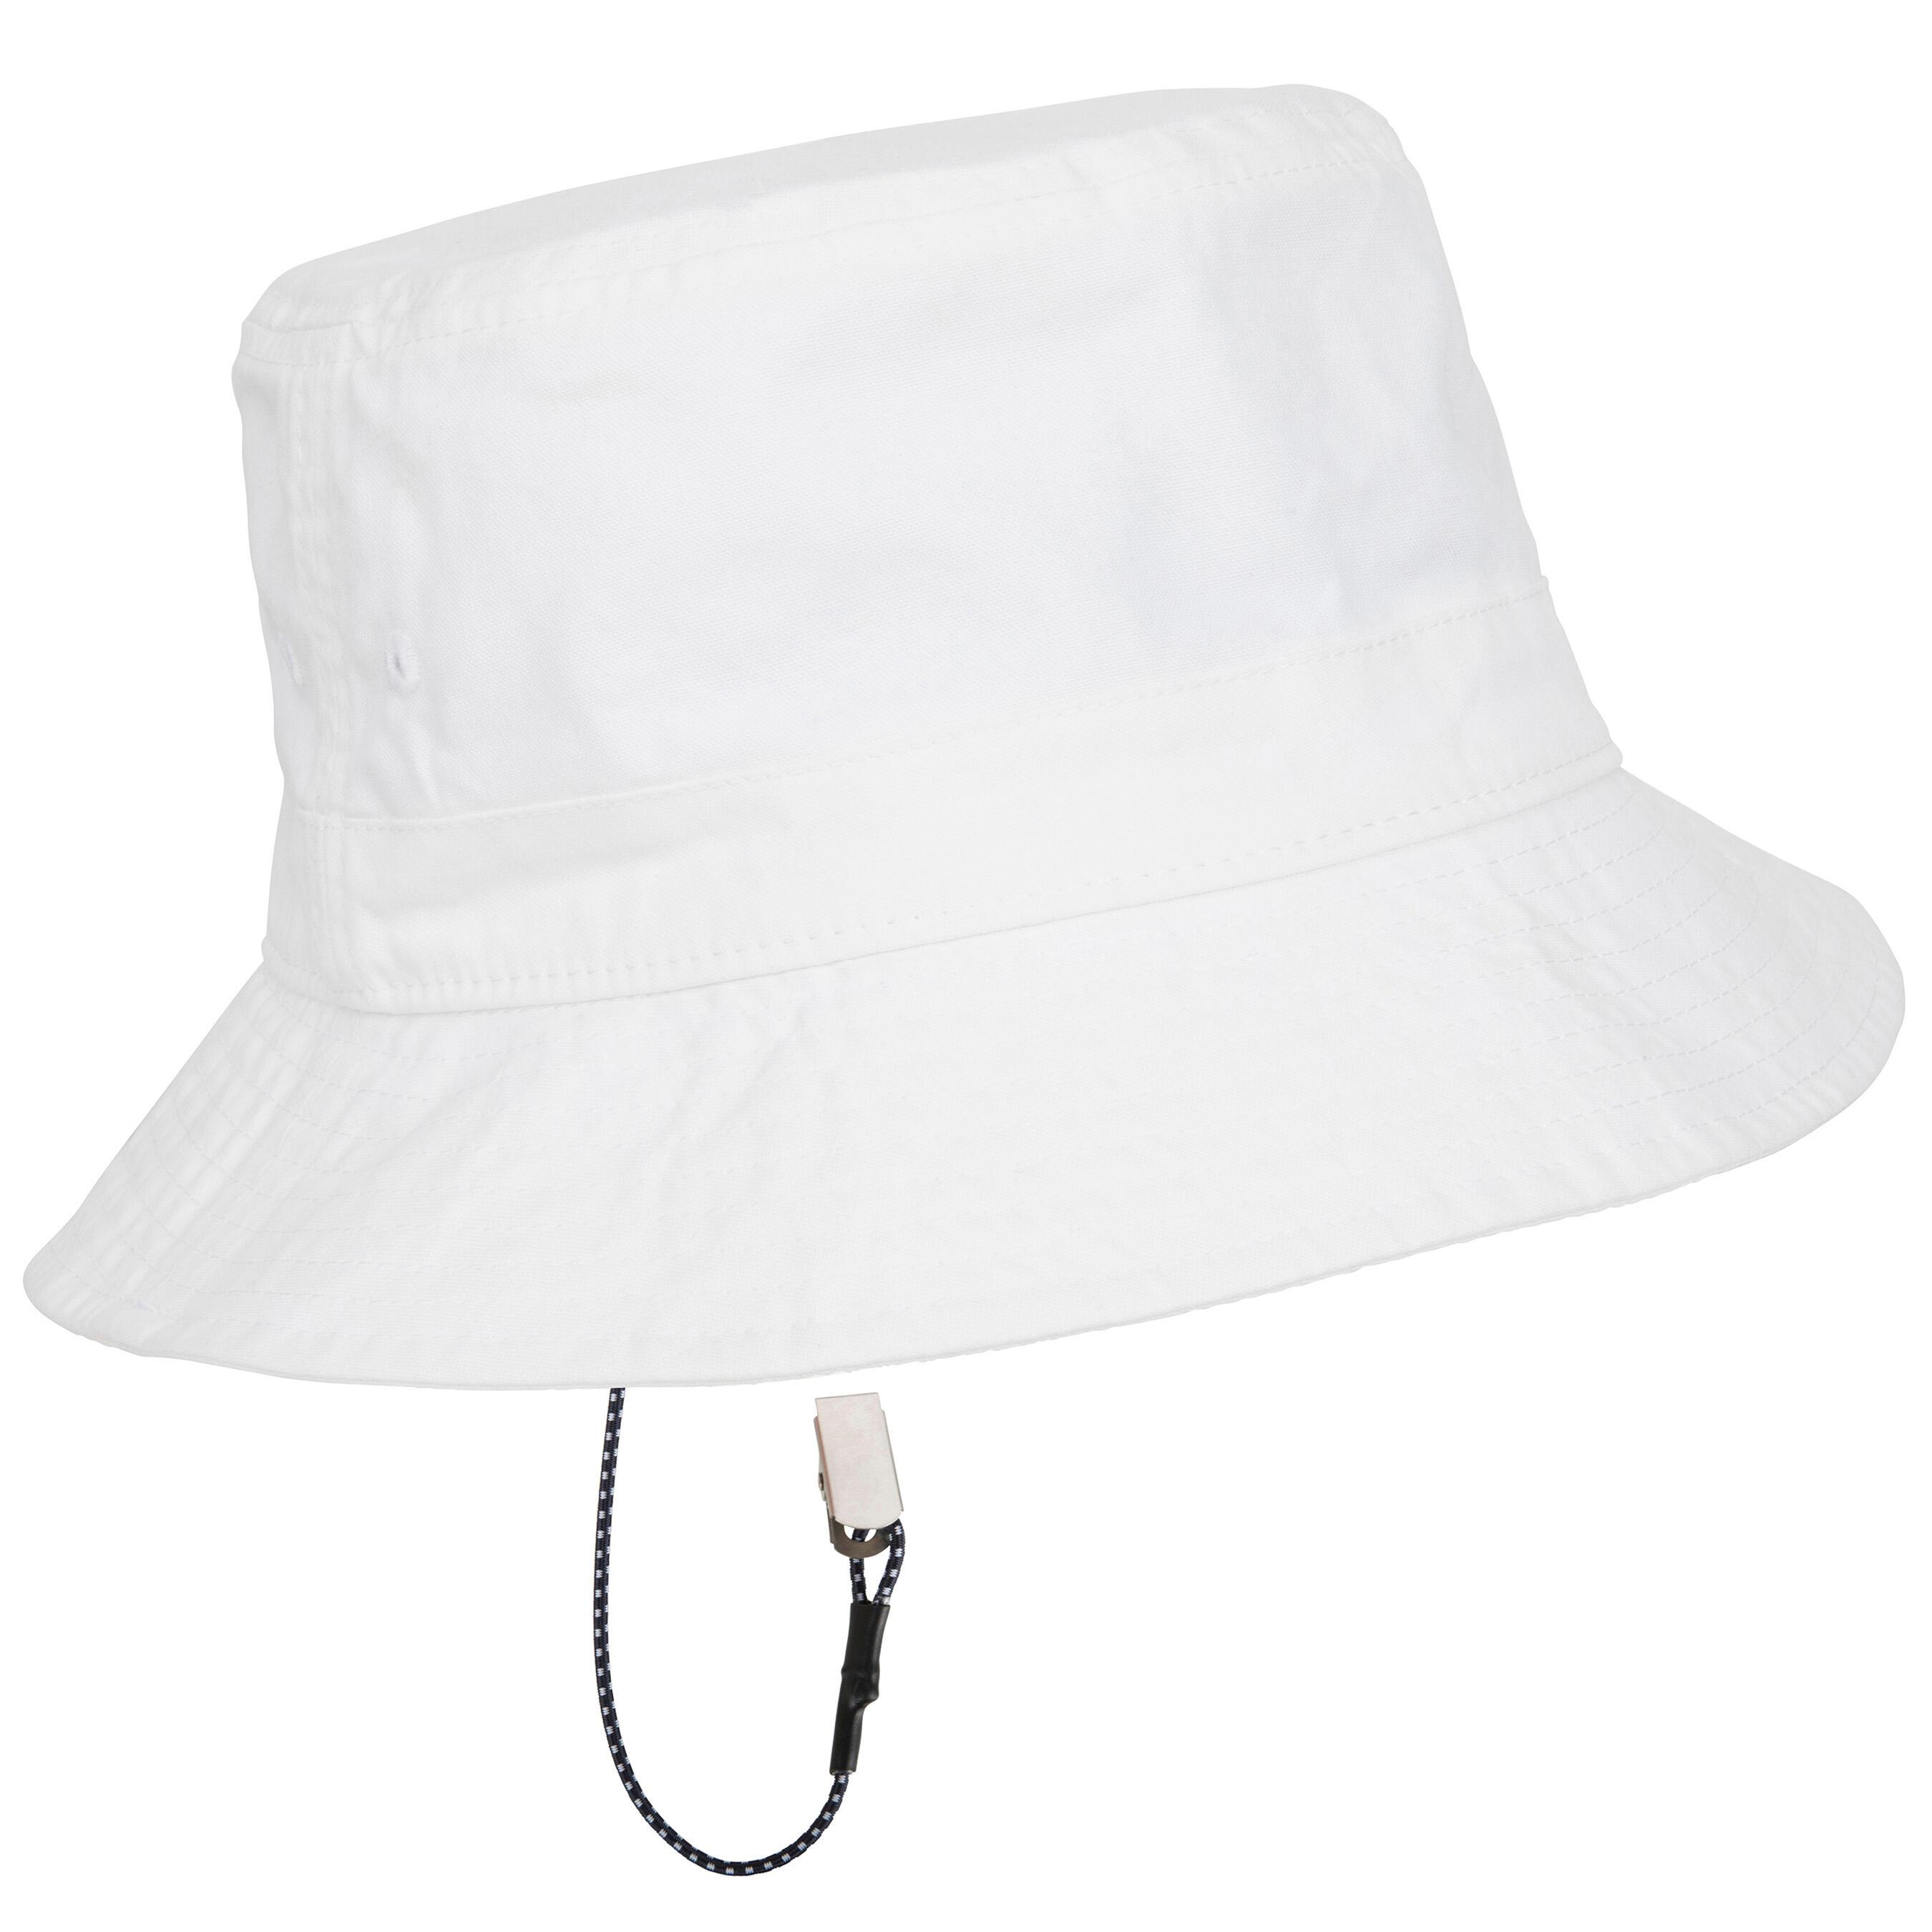 Comprar Sombreros para Deporte  49546485470